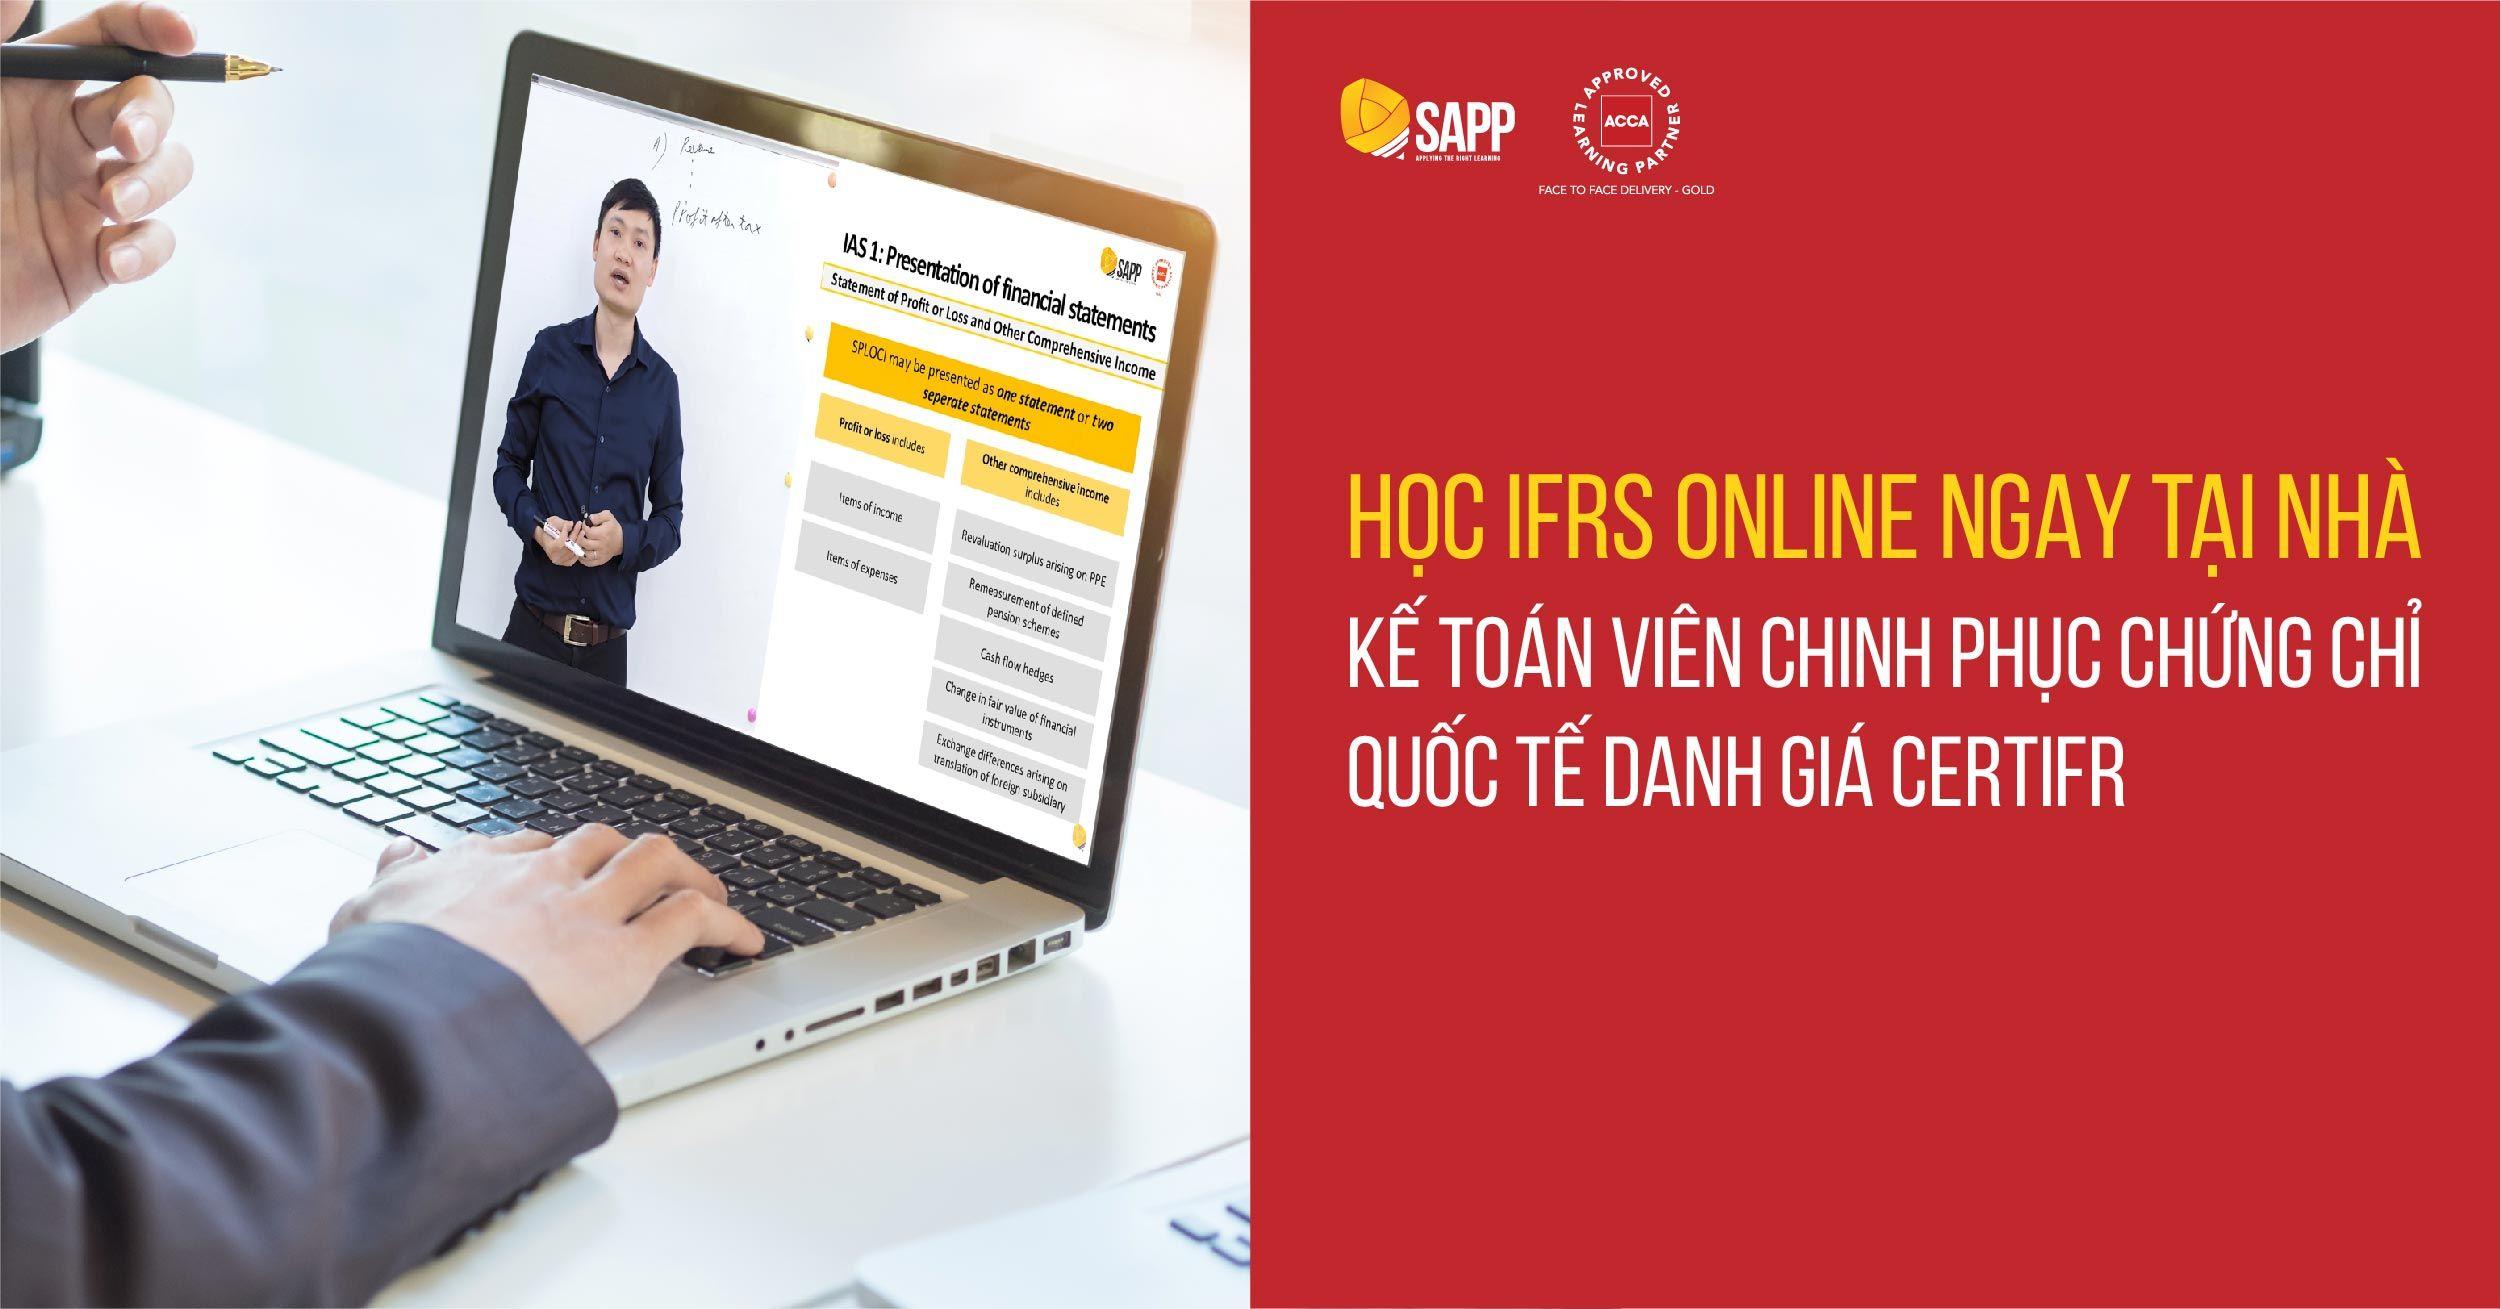 Học IFRS Online ngay tại nhà - Chinh phục chứng chỉ CertIFR